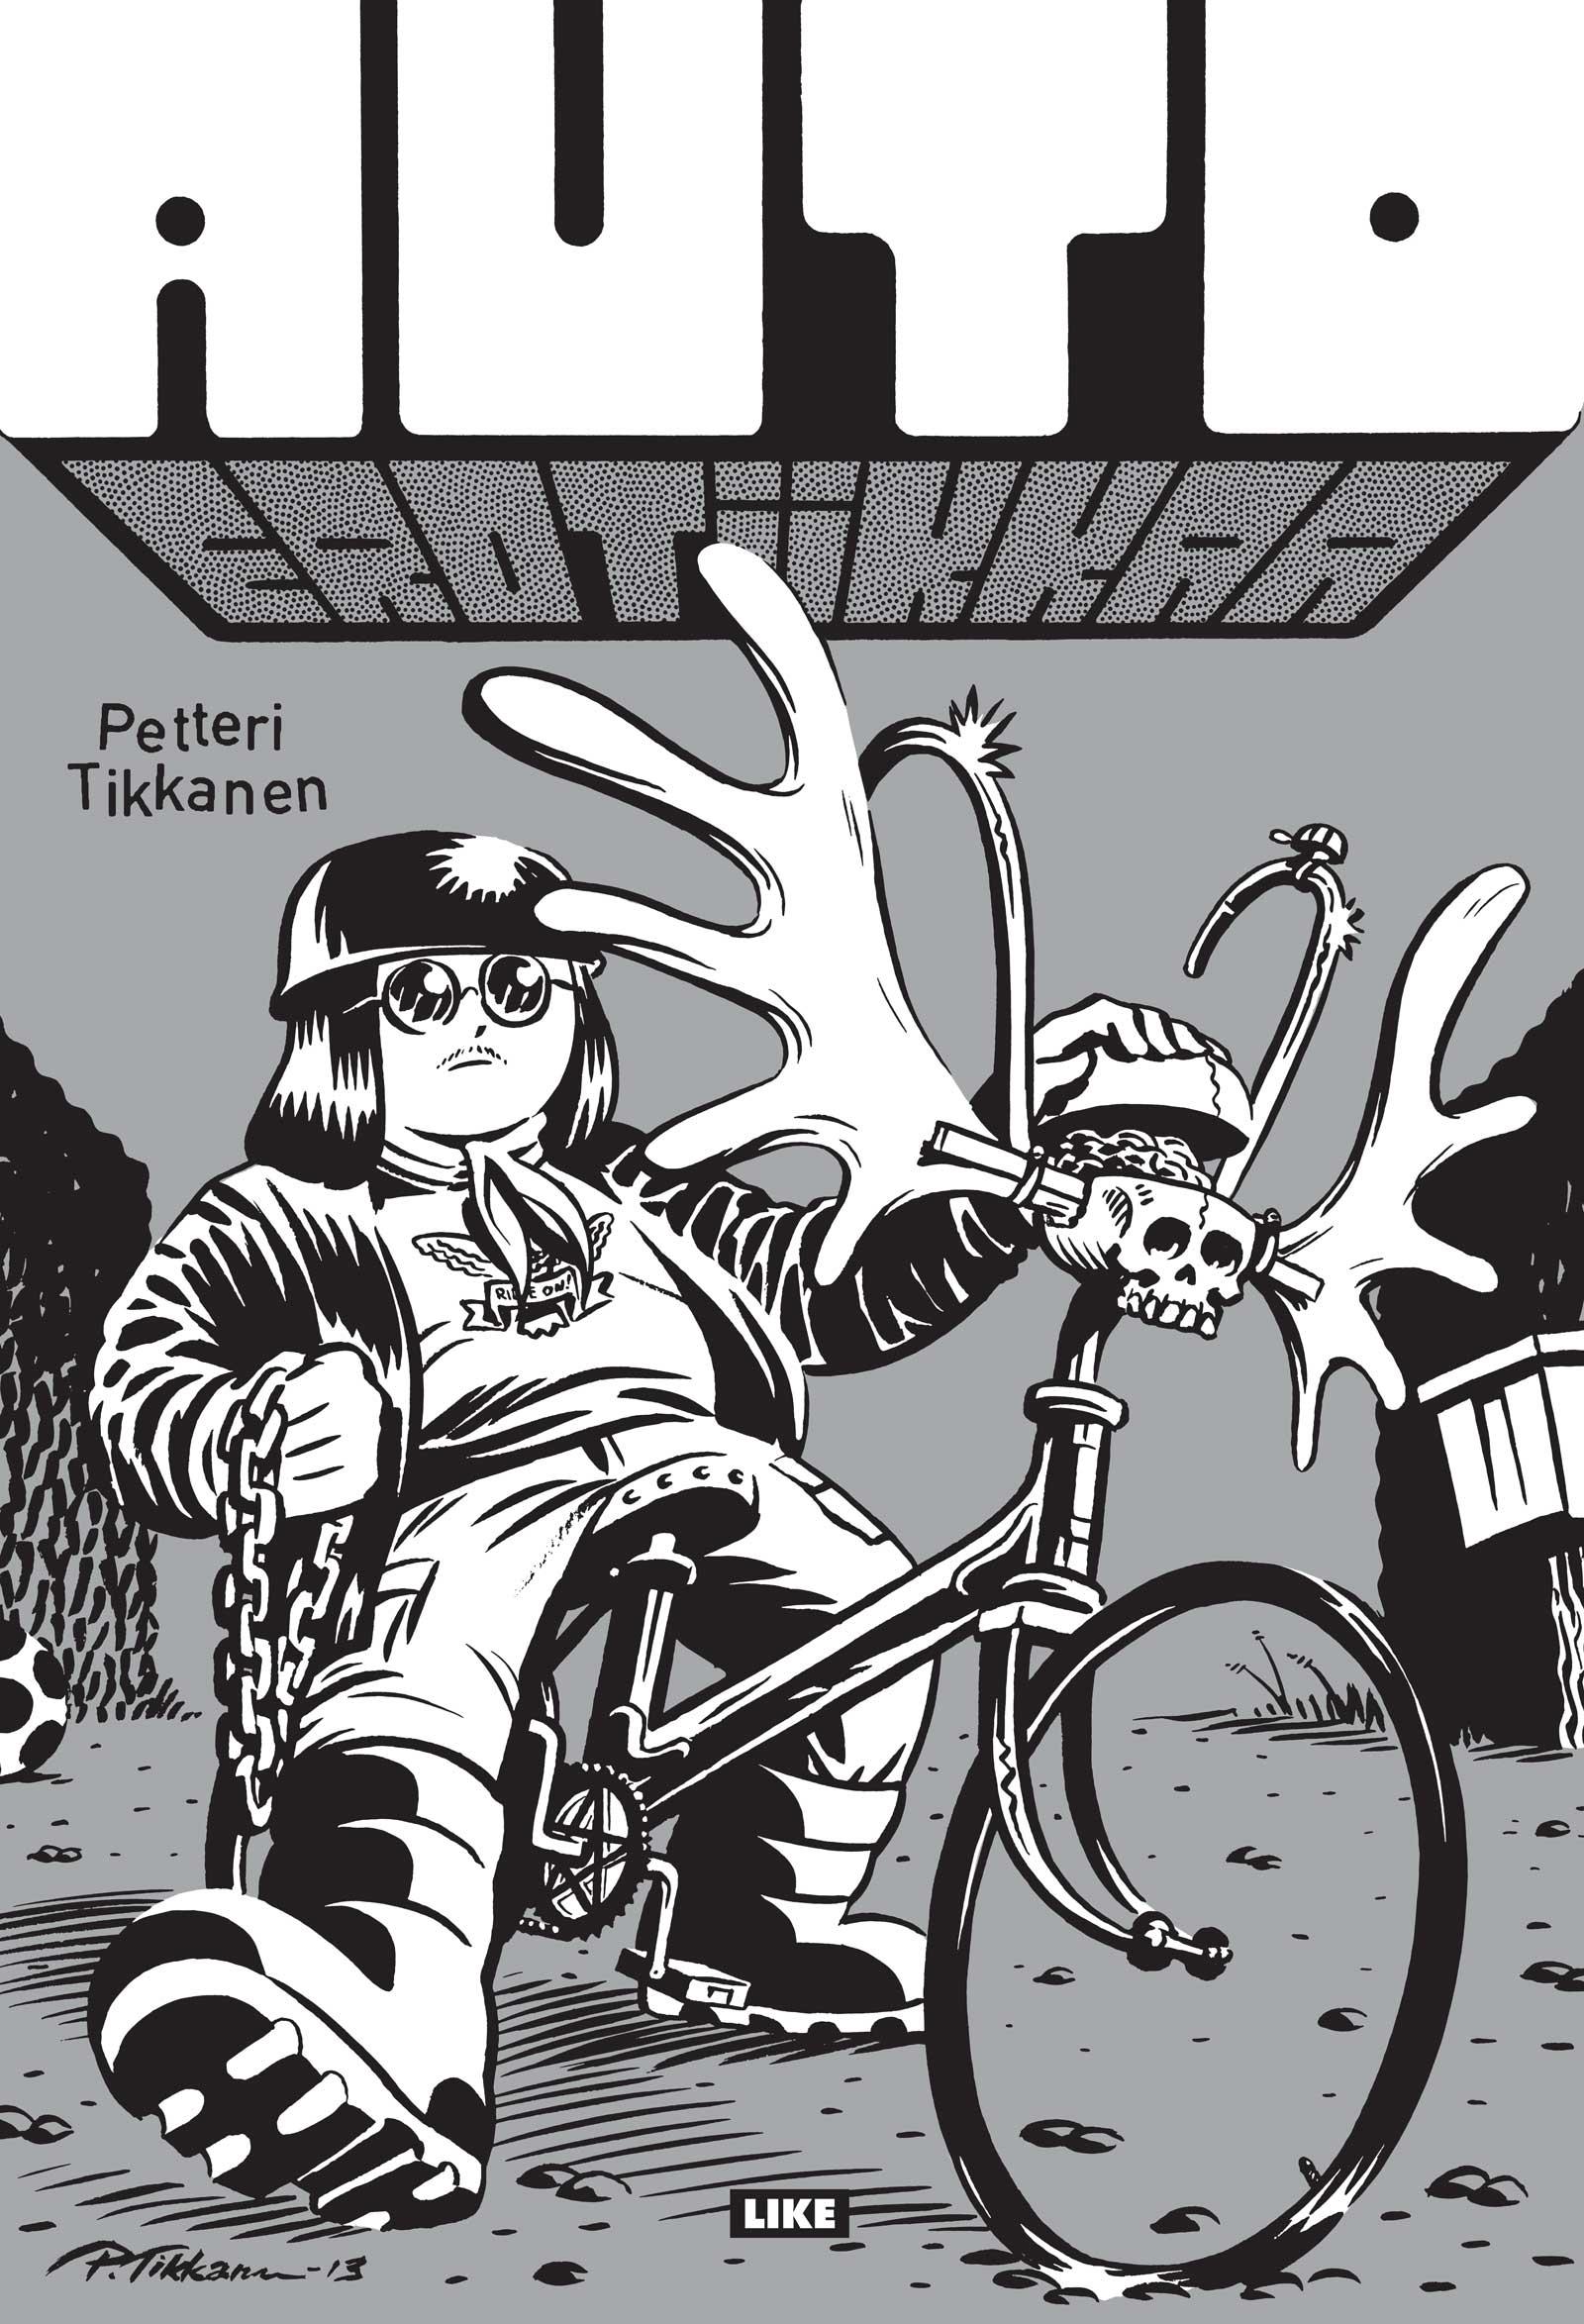 Art by Petteri Tikkanen - AutoErotika